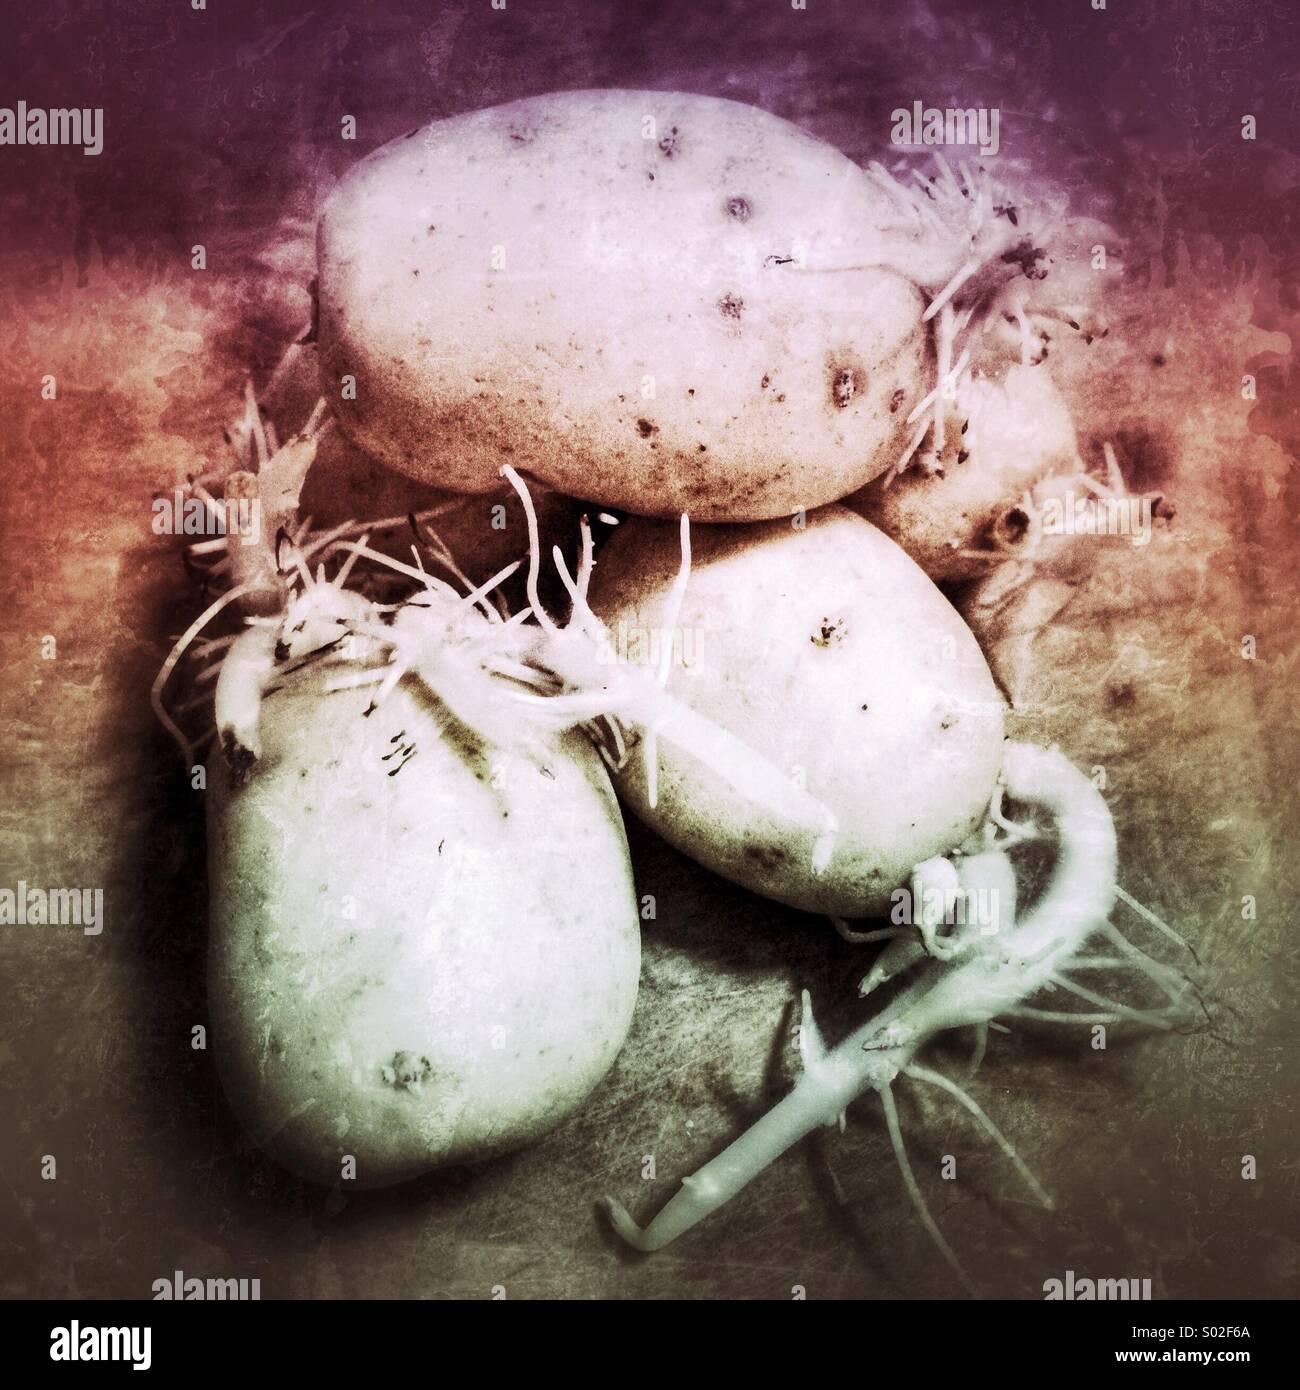 Gekeimten Kartoffeln Stockbild